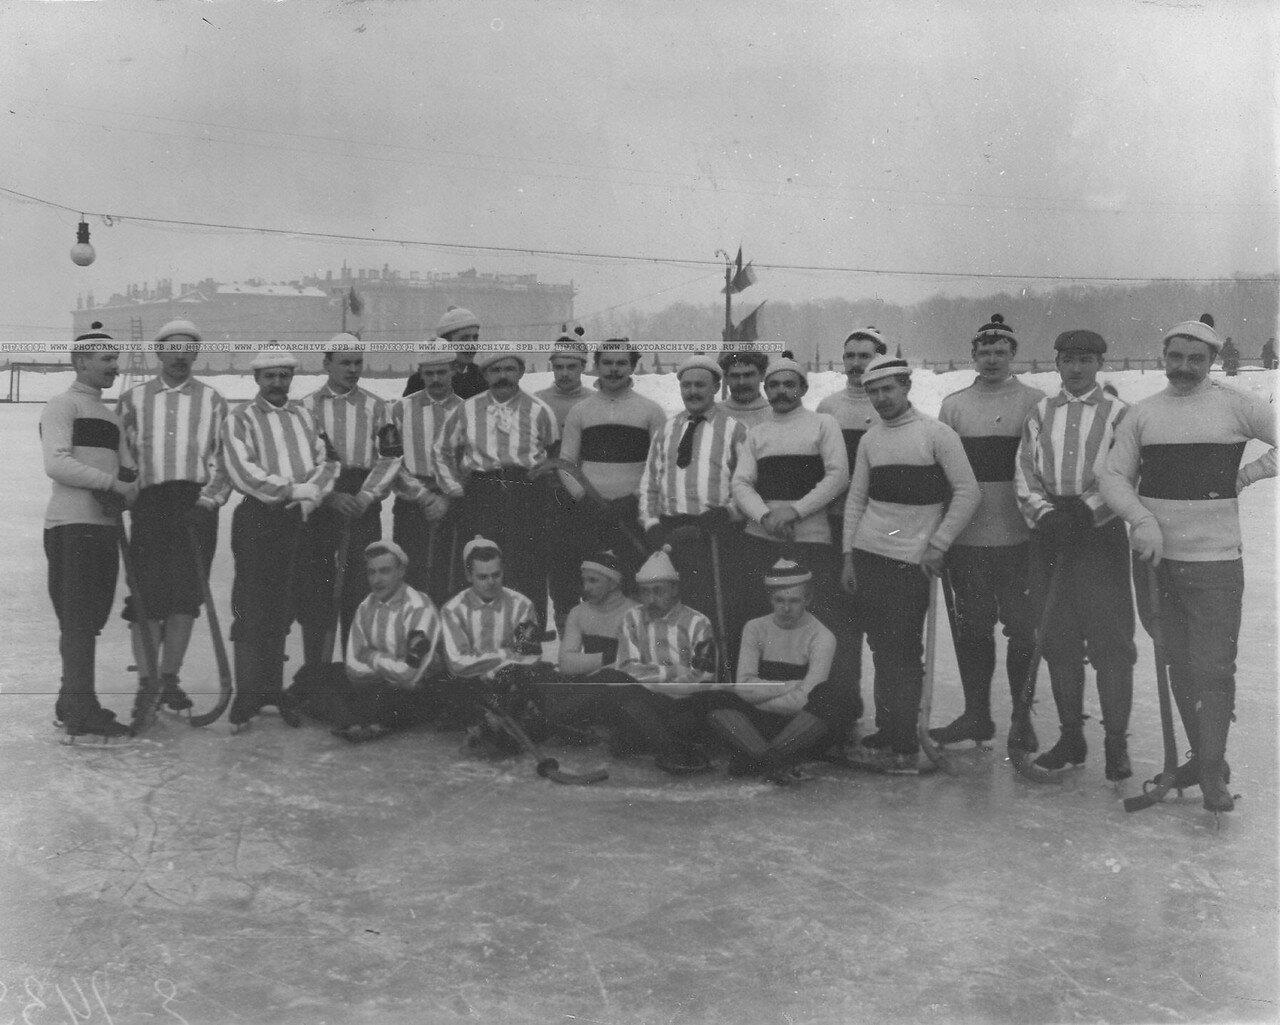 23. Члены хоккейных команд Общества любителей бега на коньках и Общества Унион, состязавшихся на Марсовом поле. 1913-1914